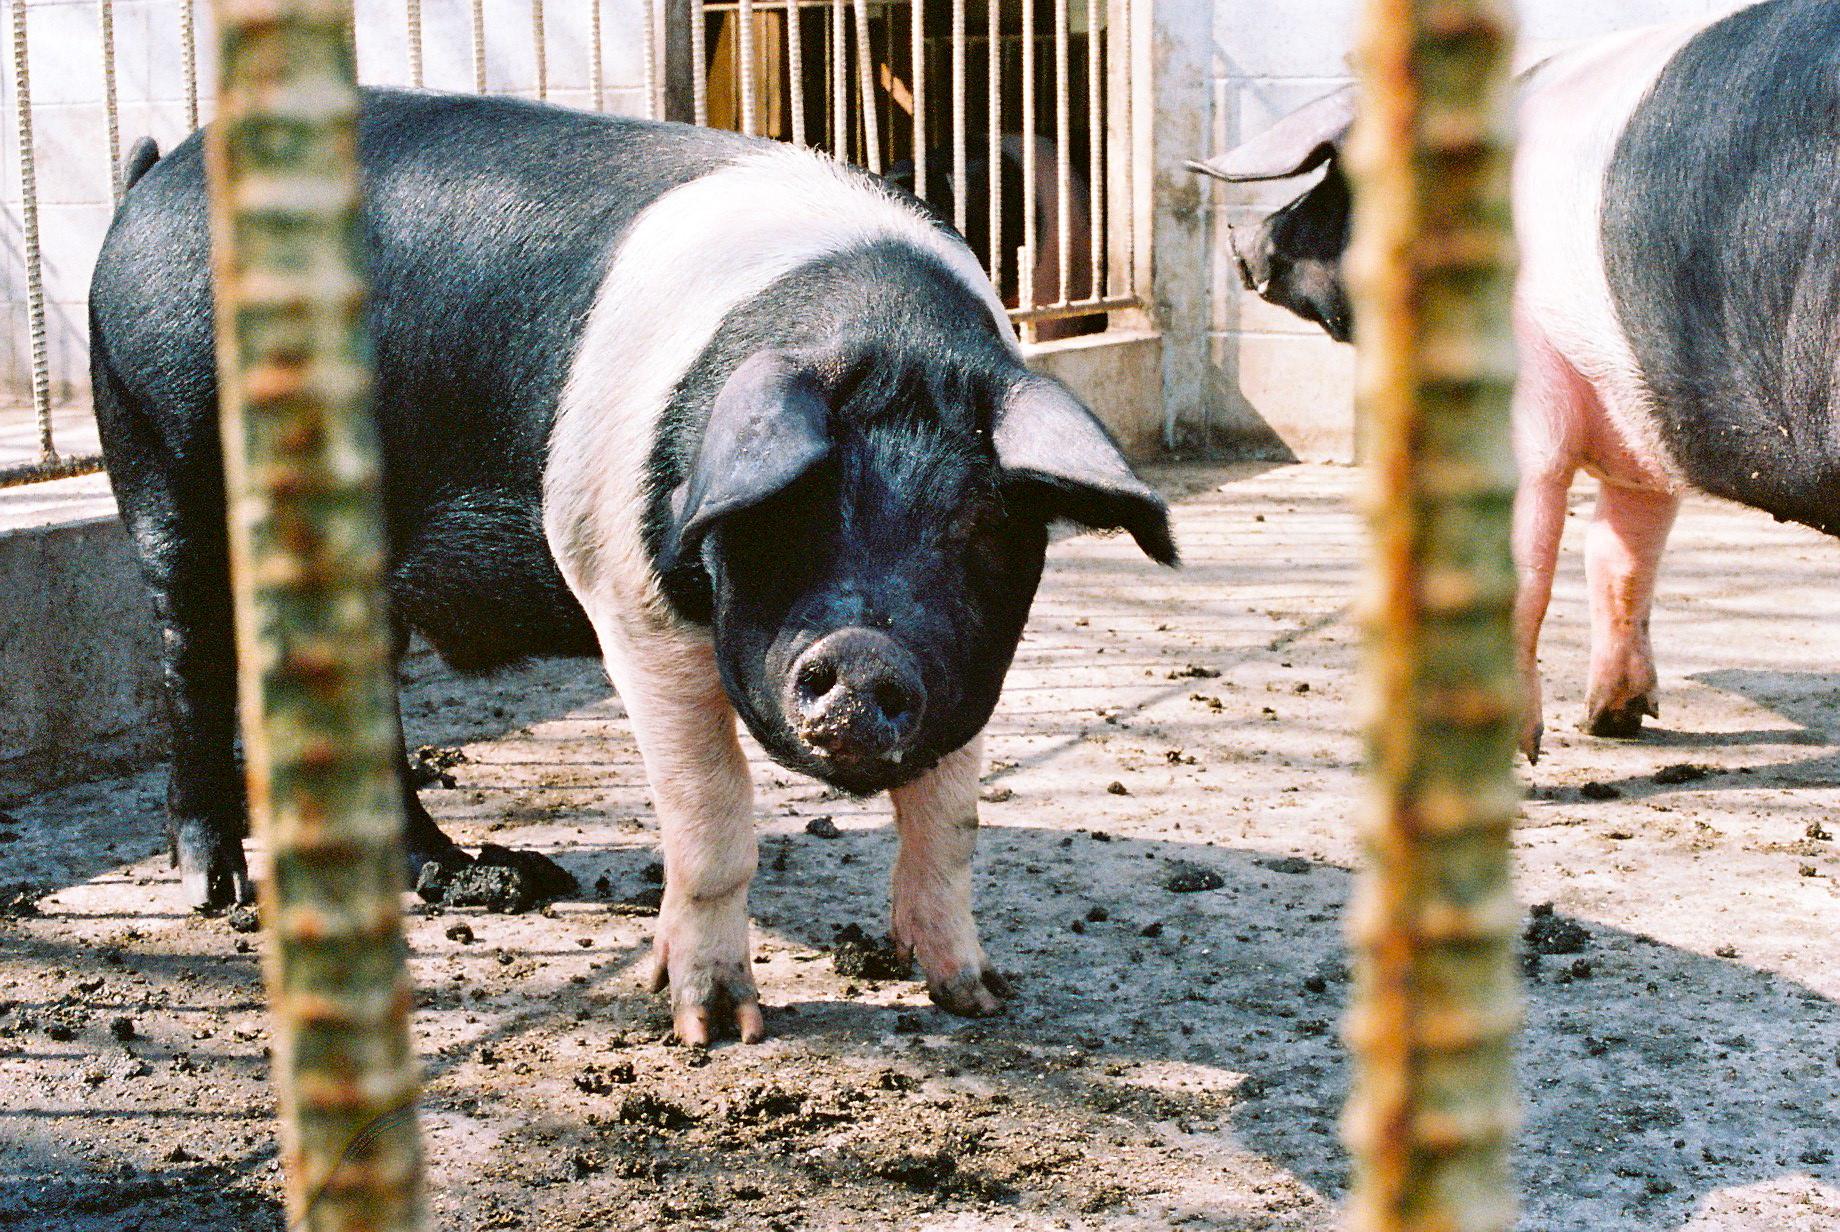 アメリカで保存のため飼育されていた、サドルバックを5  頭輸入して育てているそう。